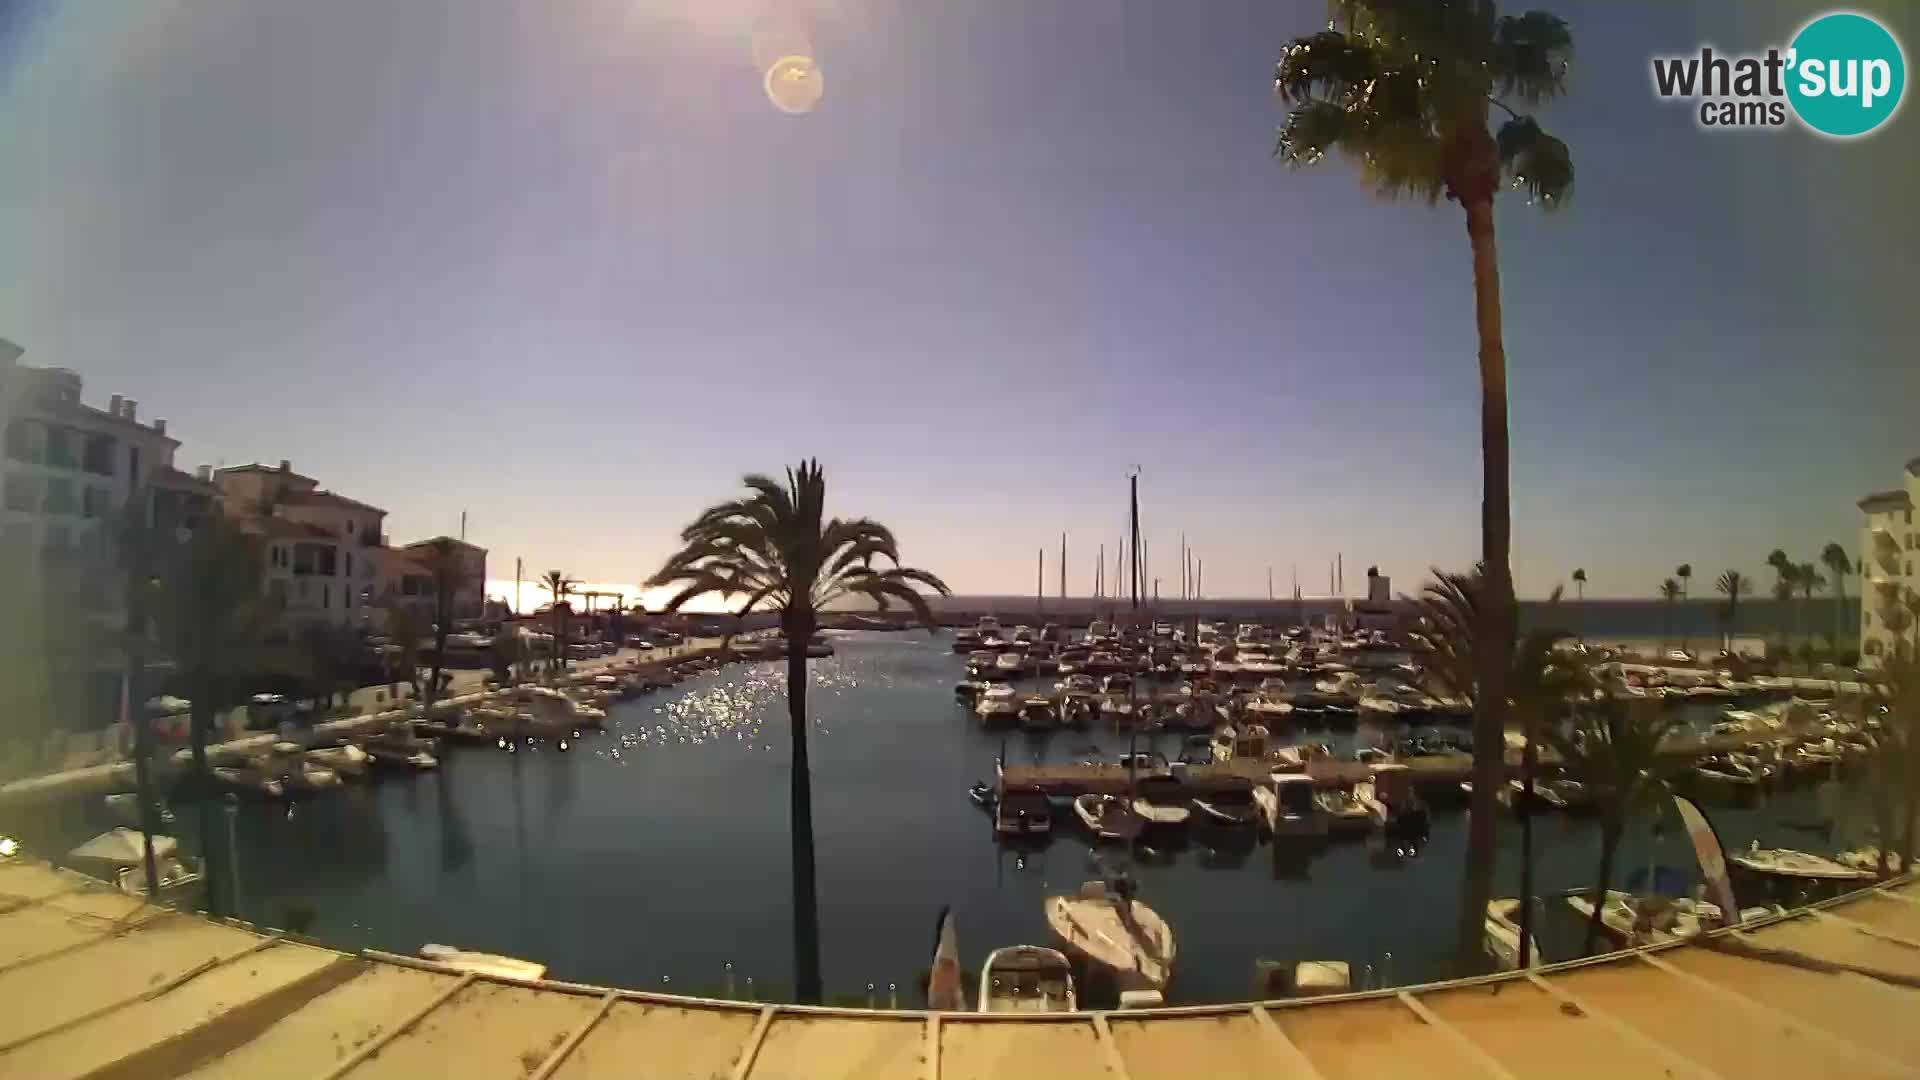 Puerto de la Duquesa webcam – Marina